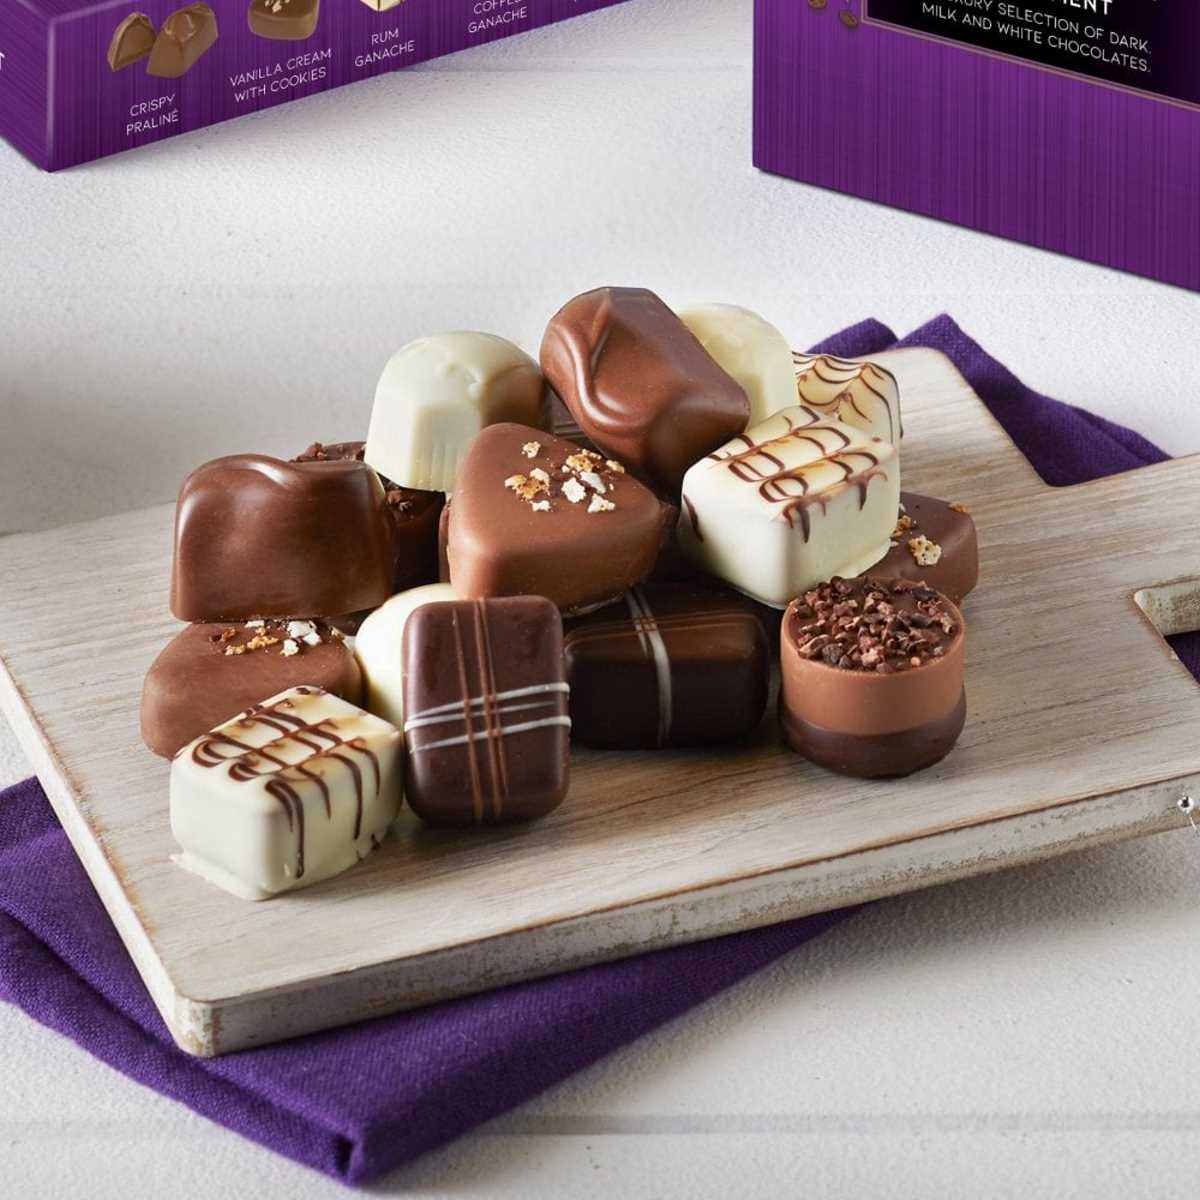 Βελγικά σοκολατάκια